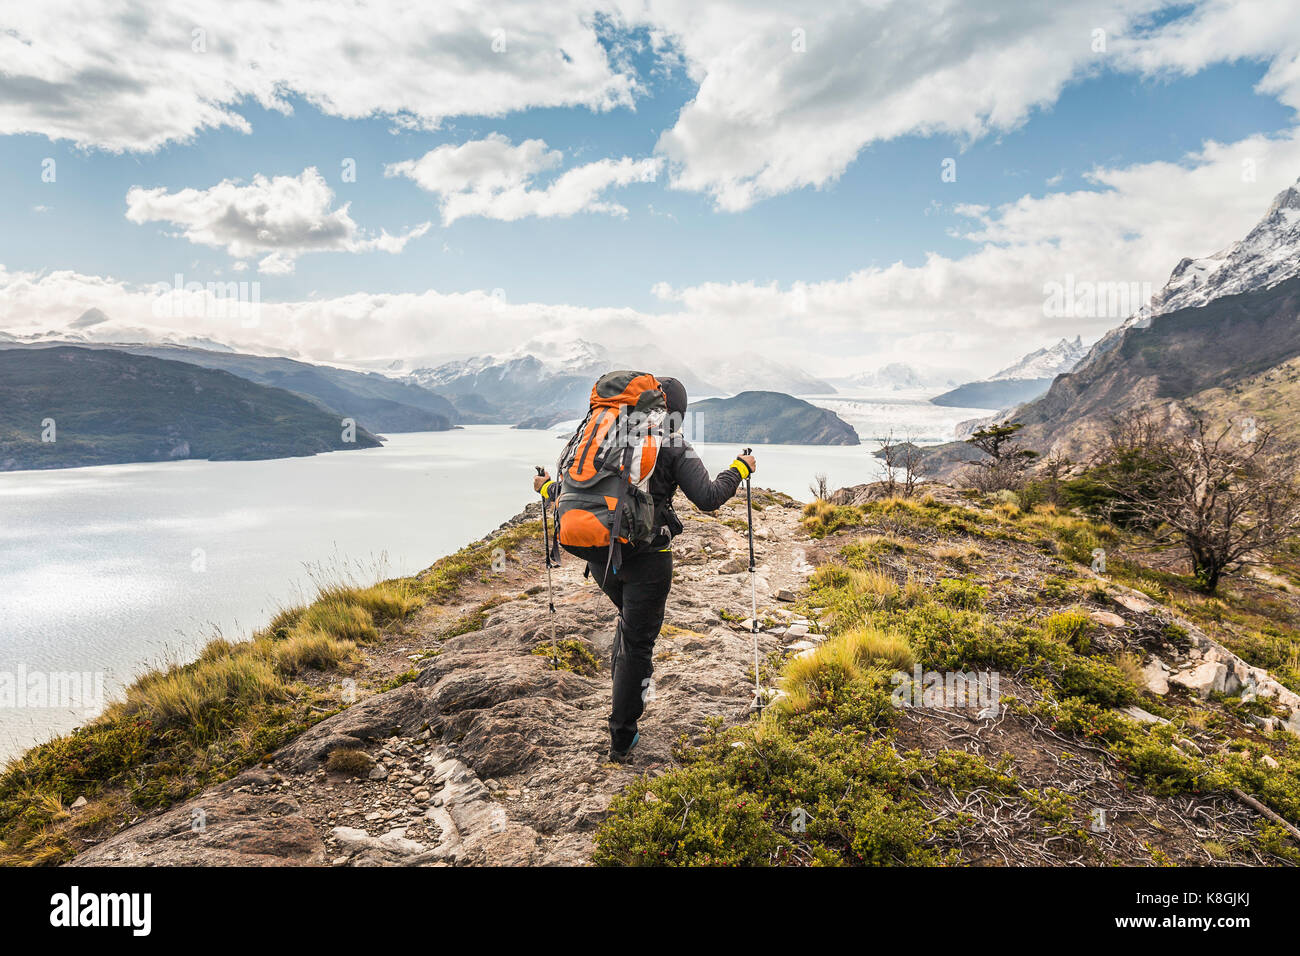 Vista trasera del excursionista hembra caminatas junto al lago glaciar Grey, Parque Nacional Torres del Paine, Chile Foto de stock